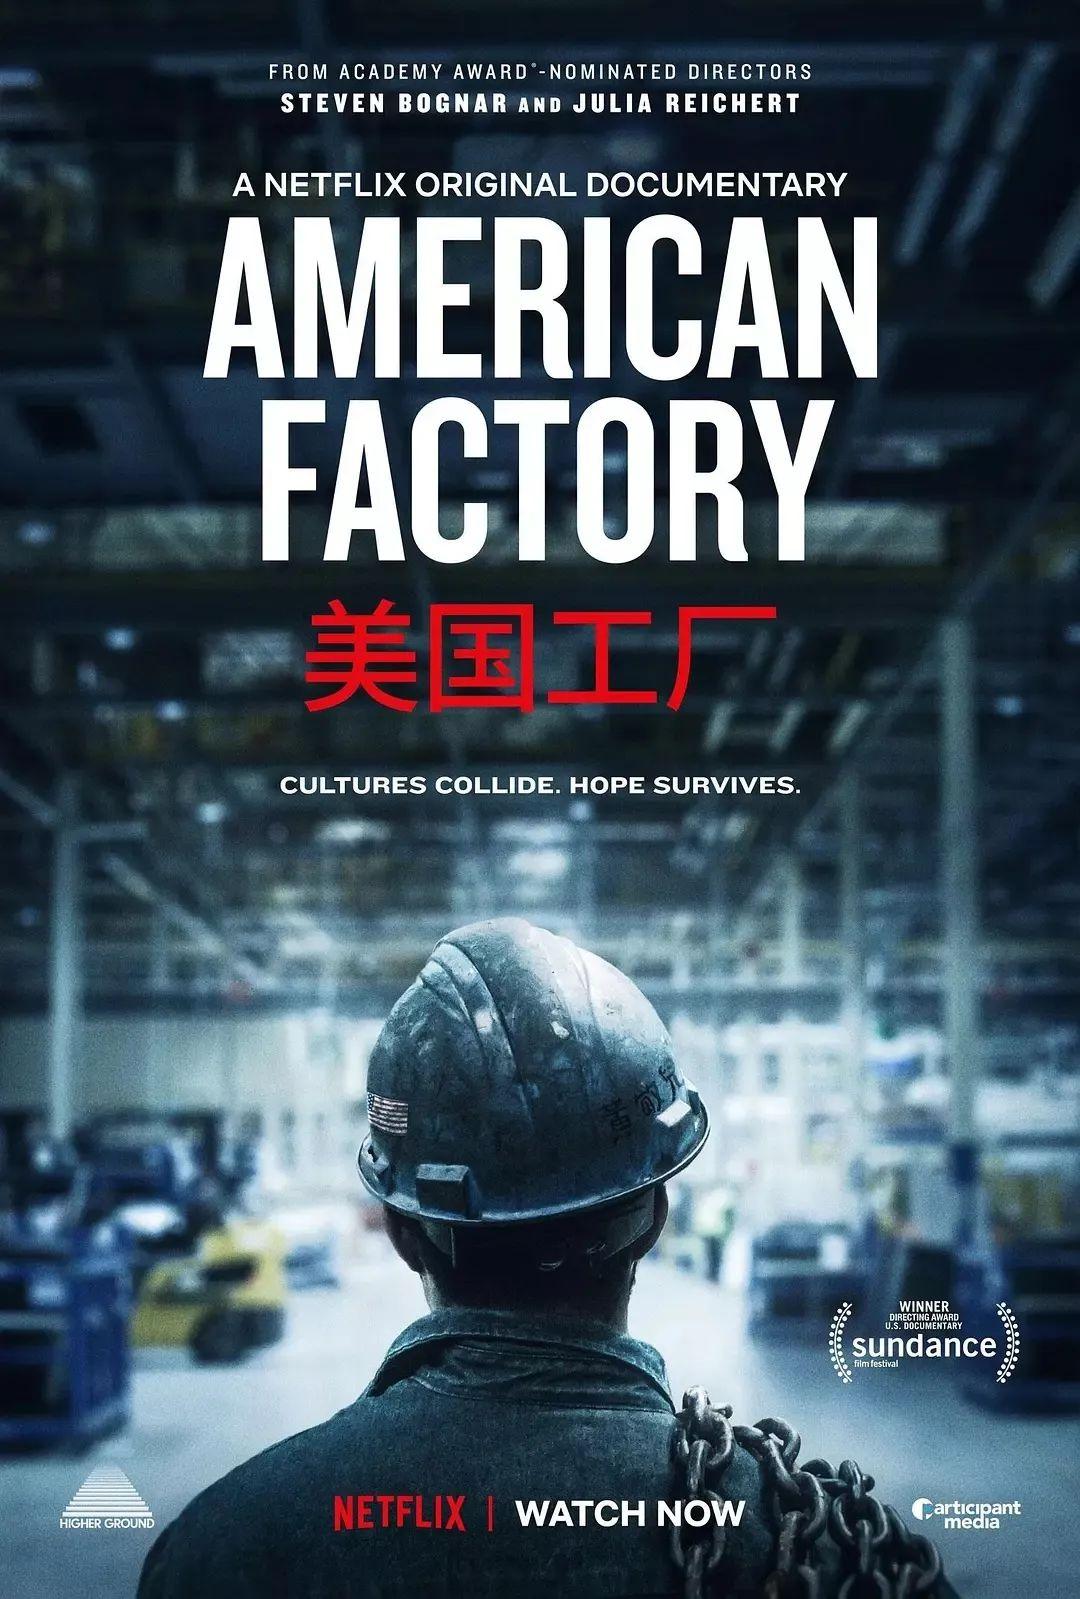 电影《小丑》《寄生虫》《美国工厂》海报